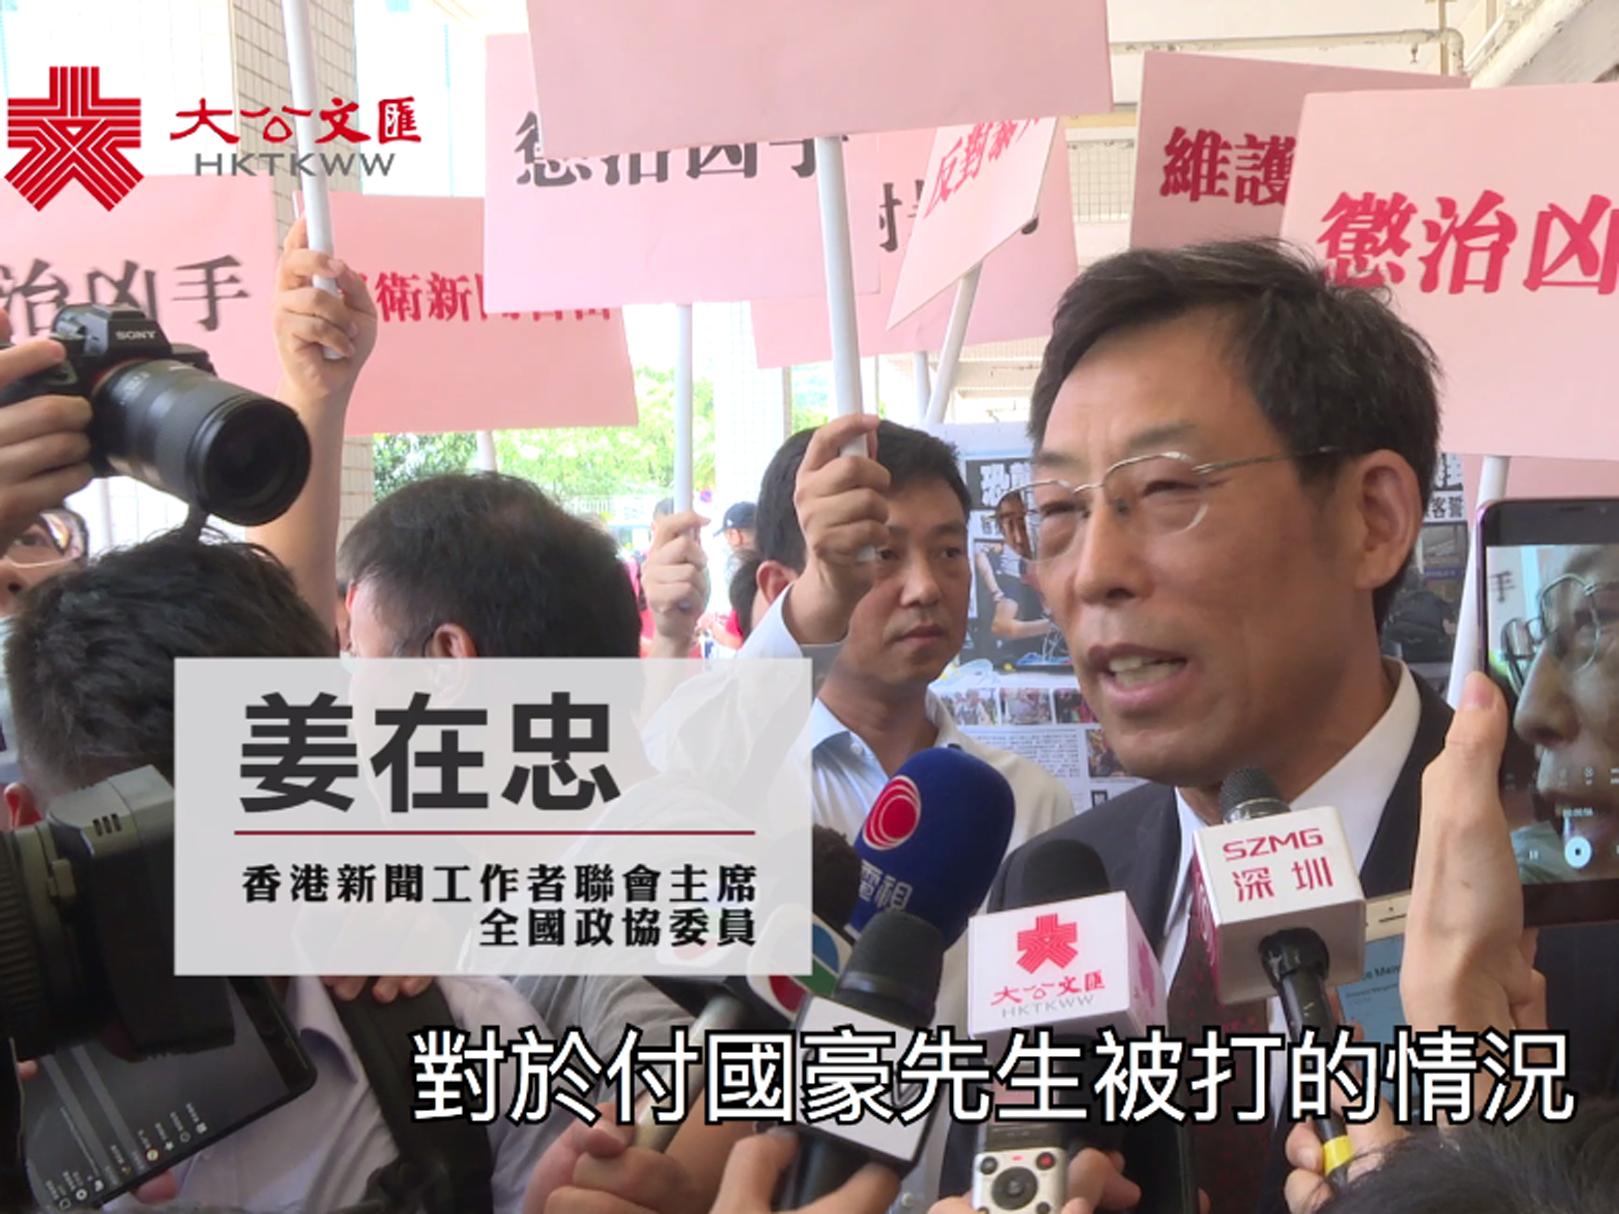 港新聞聯慰問付國豪 強烈譴責暴徒虐打記者